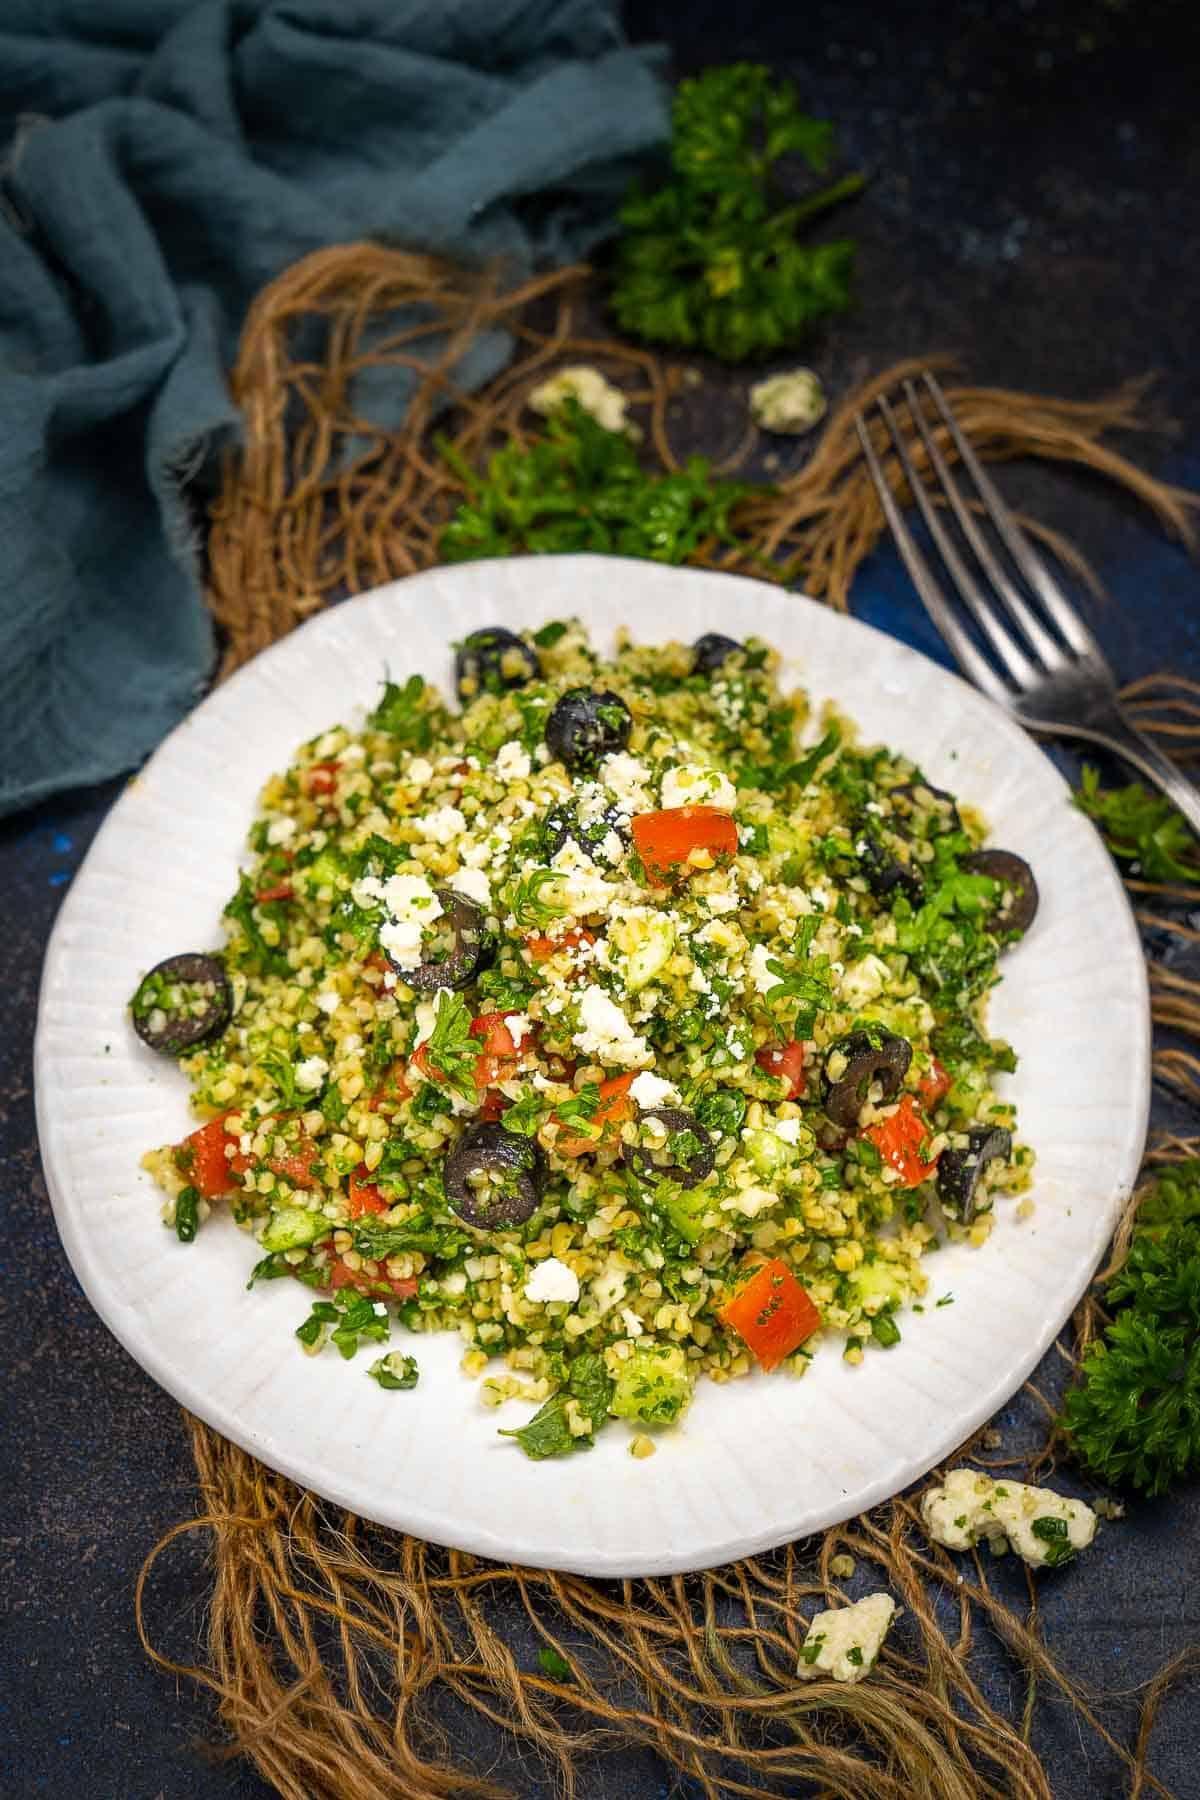 Tabouli salad served on a plate.